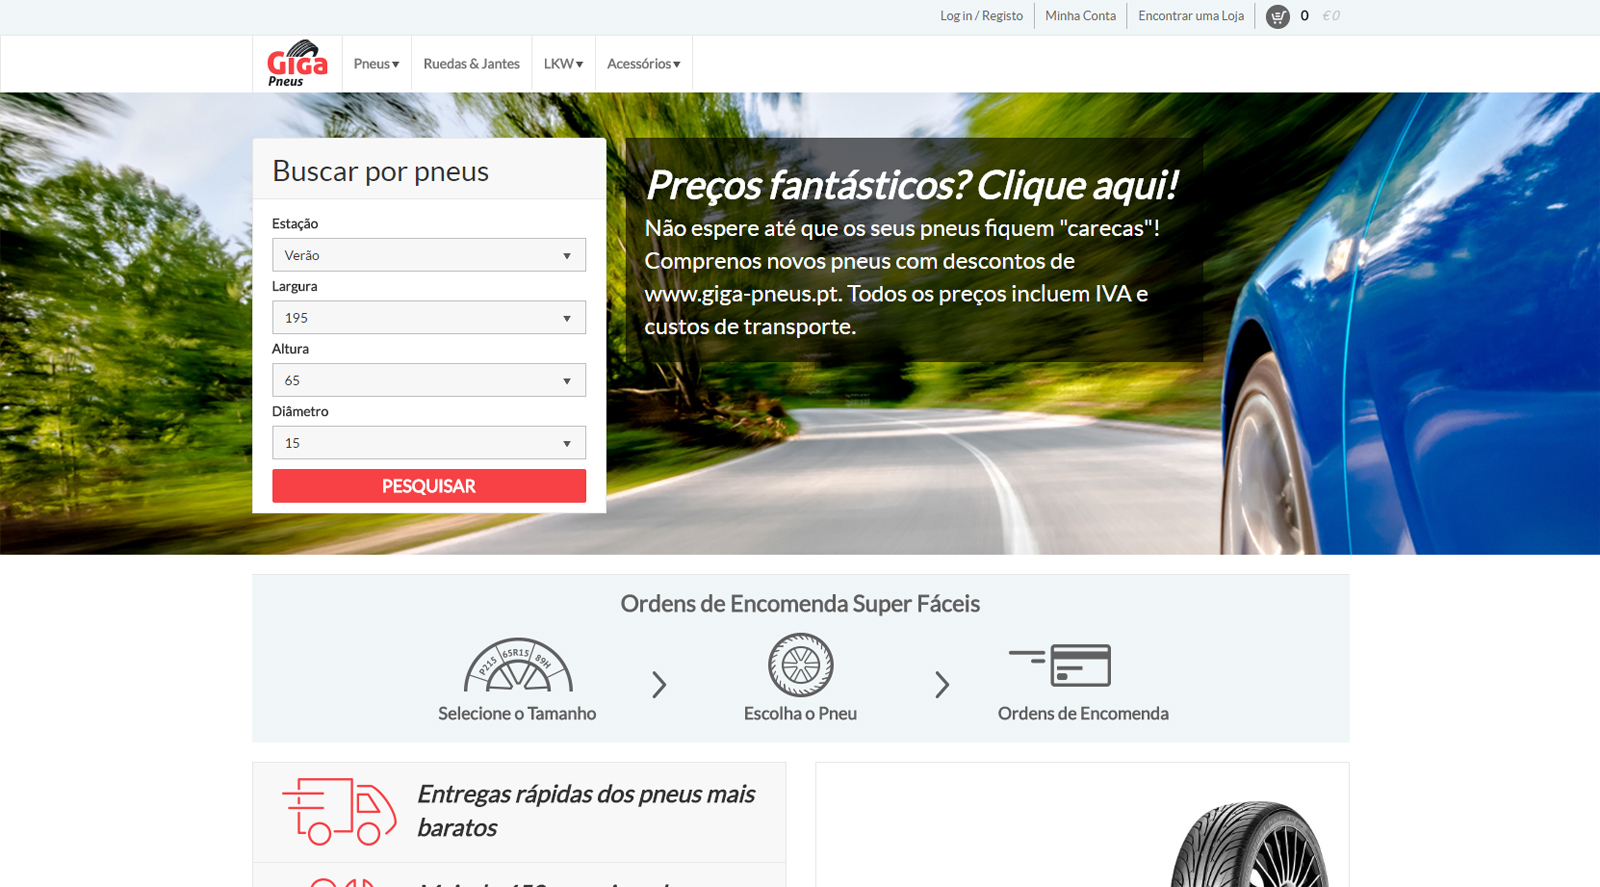 giga pneus Giga Pneus – A melhor solução online para adquirir os pneus que pretende